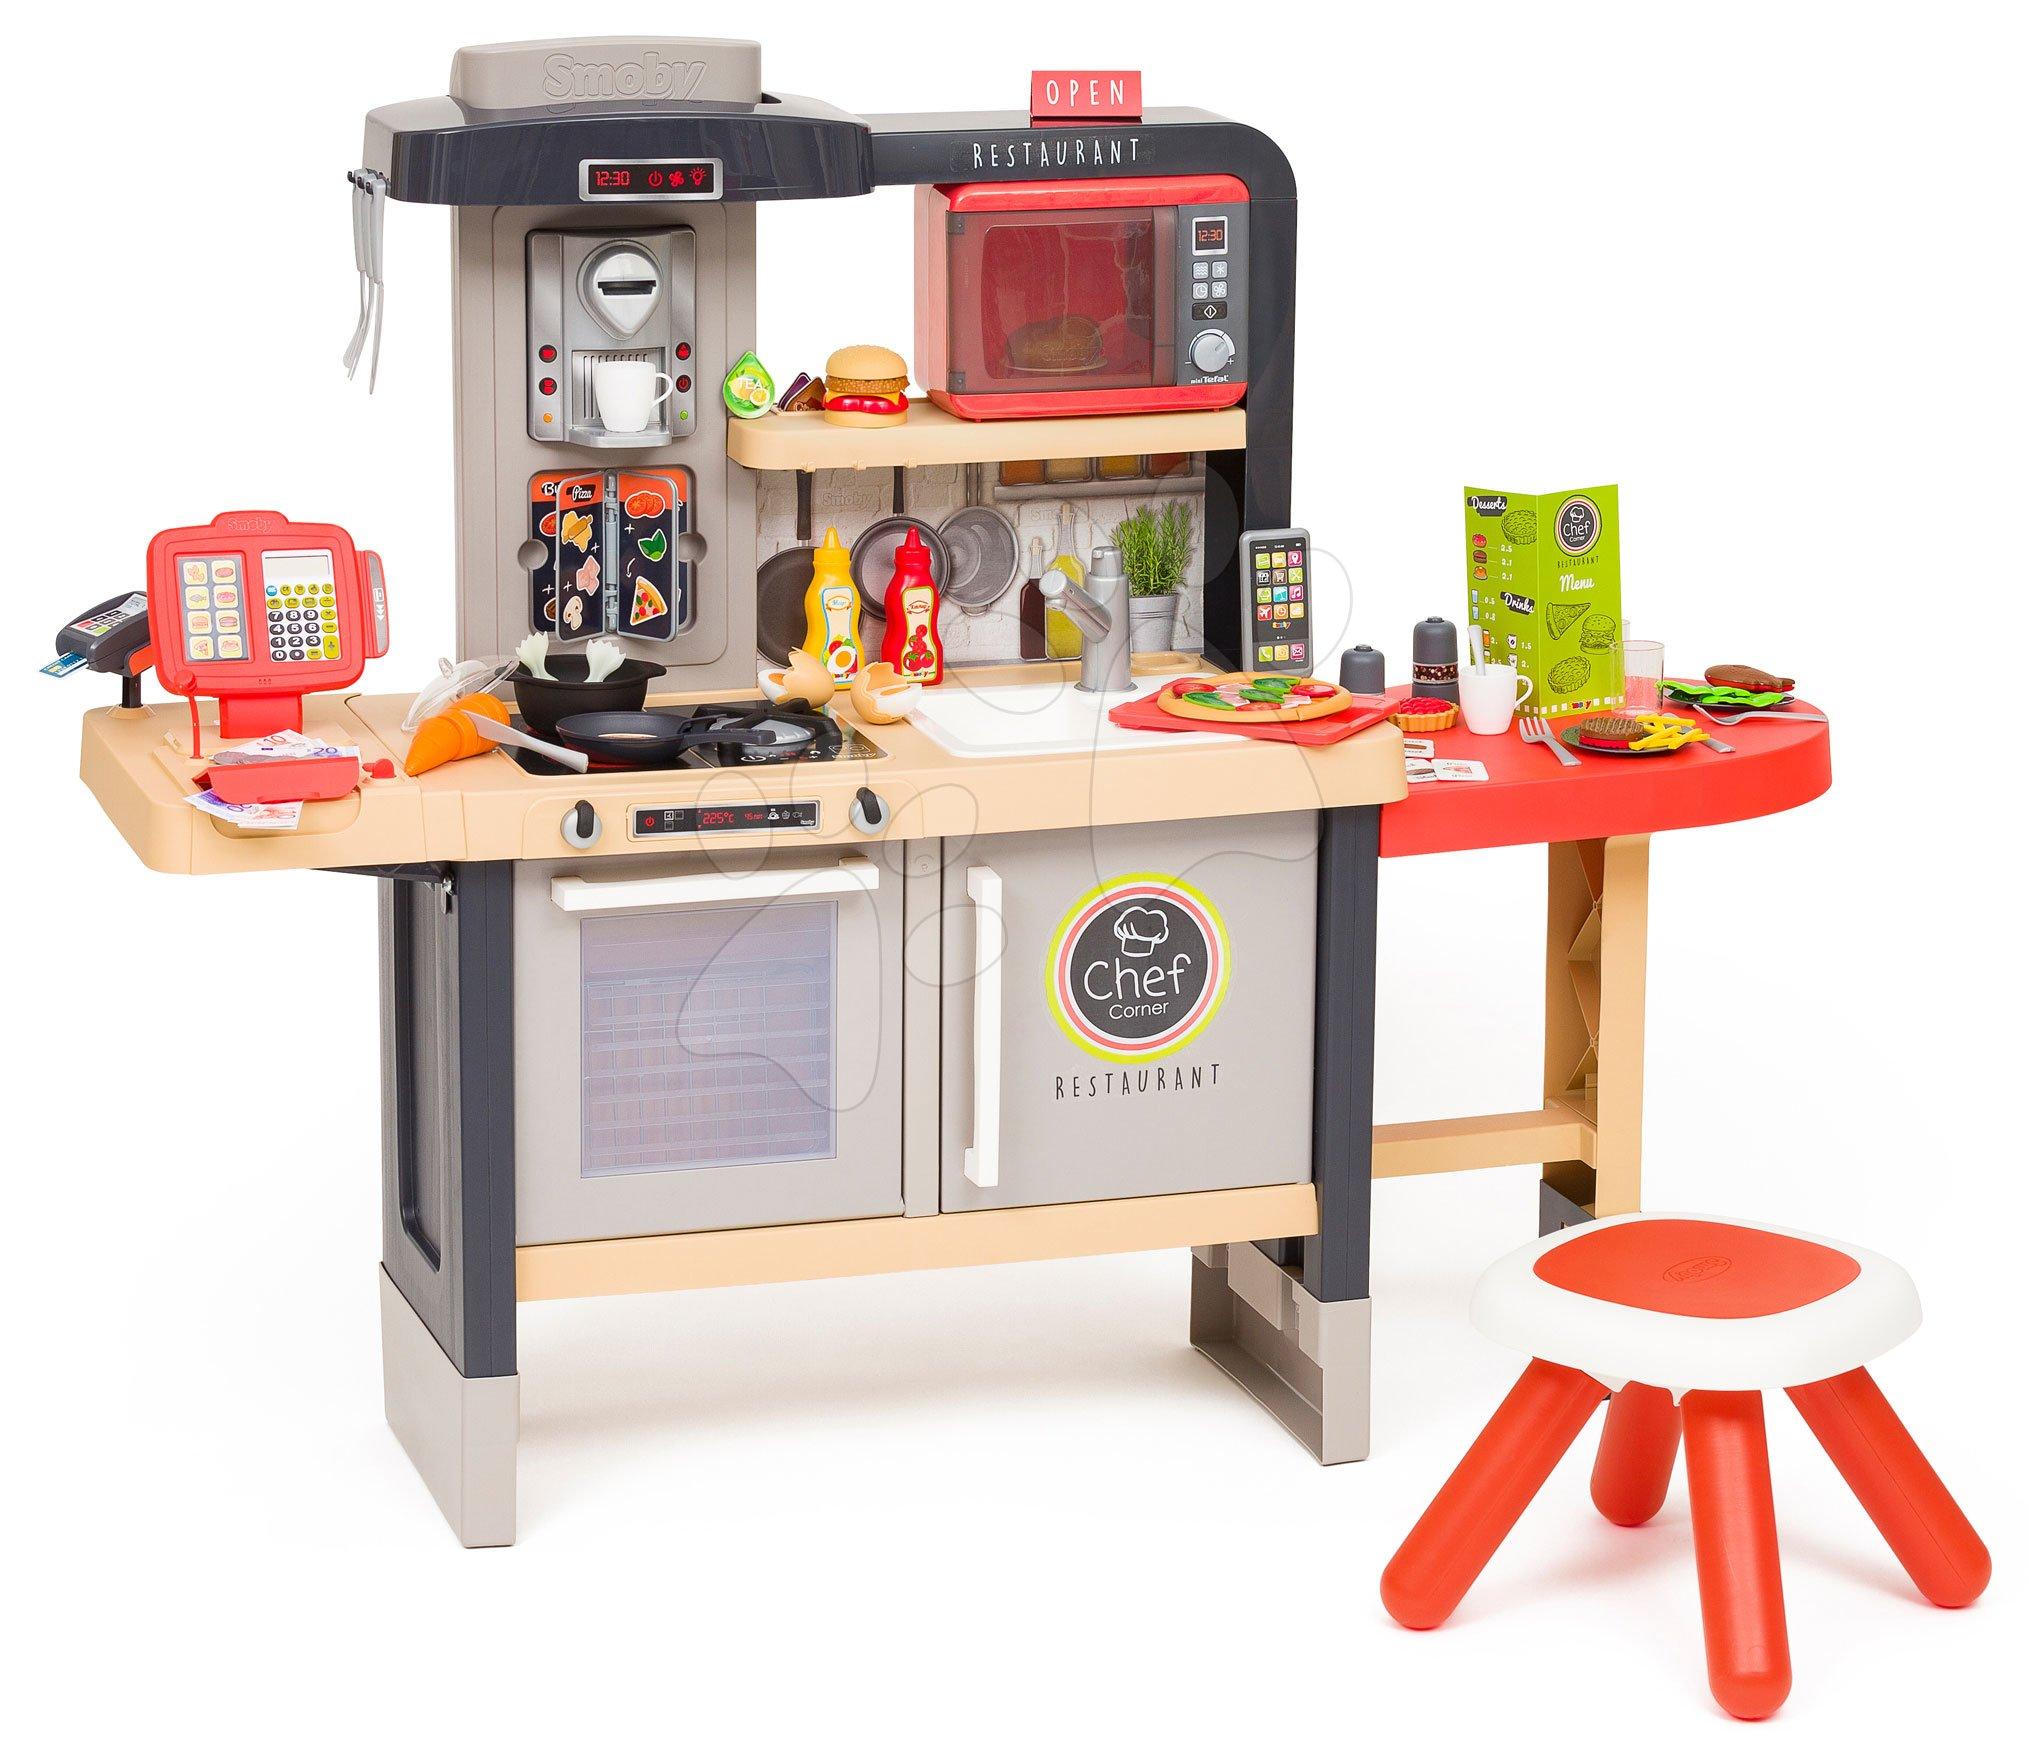 Restaurace s elektronickou kuchyňkou Chef Corner Restaurant Smoby a mikrovlnkou Tefal se zvukem a světlem